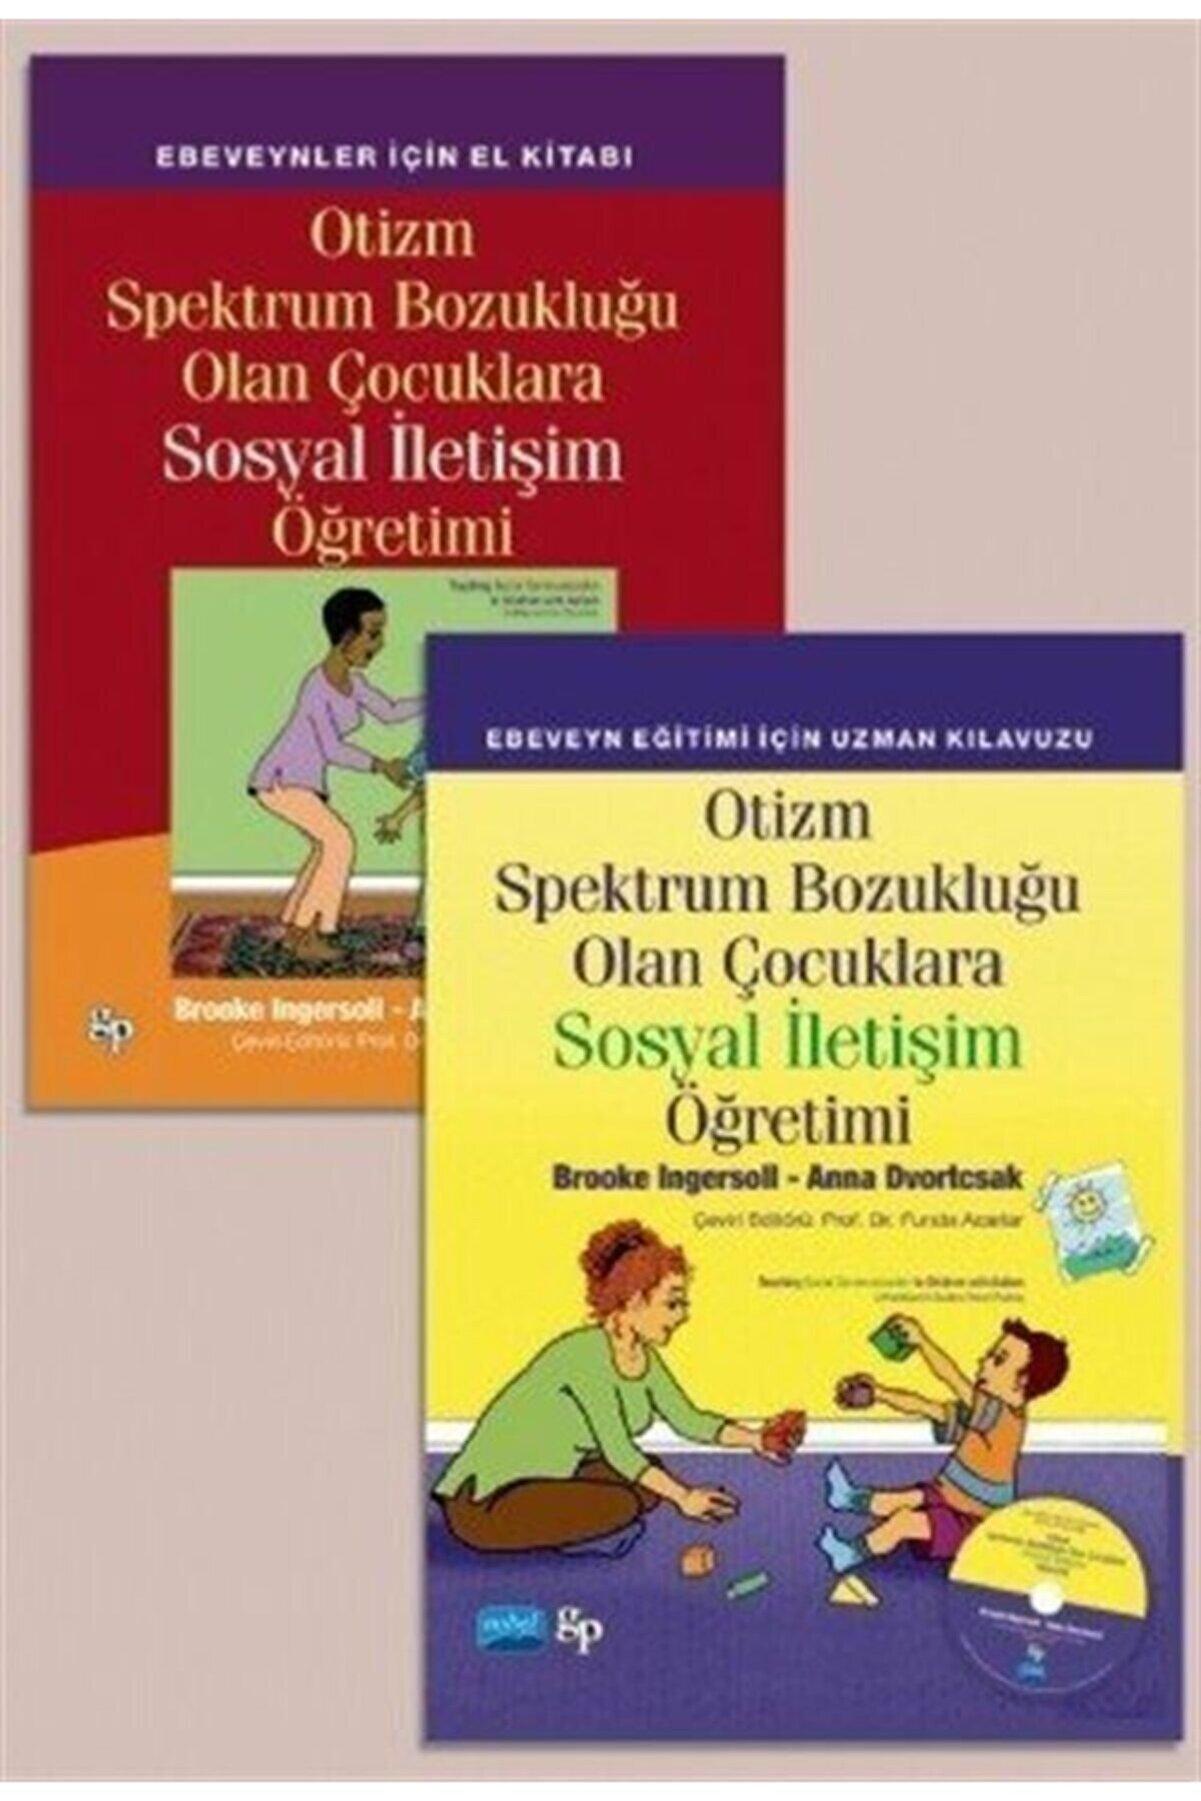 Nobel Akademik Yayıncılık Otizm Spektrum Bozukluğu Olan Çocuklara Sosyal Iletişim Öğretimi (2 Kitap Takım Cd'li)